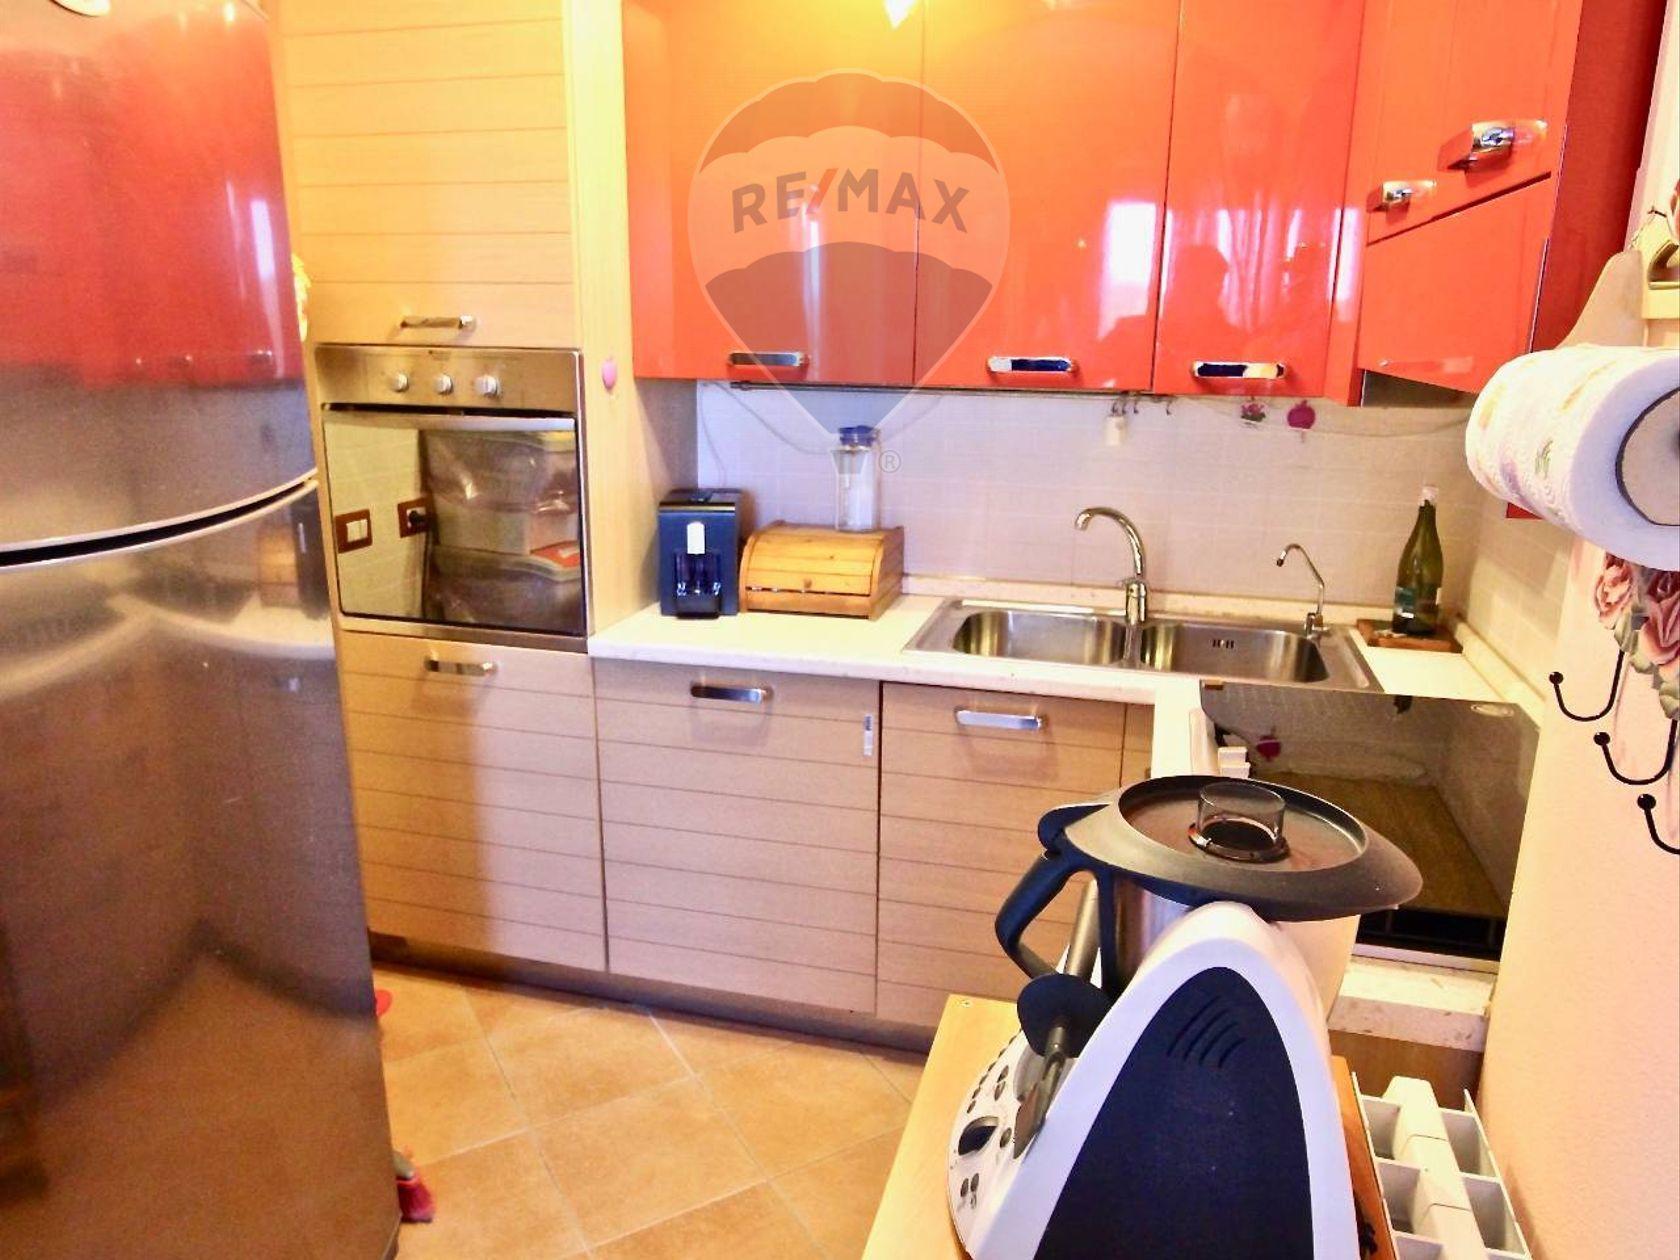 Appartamento Ss-sassari 2, Sassari, SS Vendita - Foto 24